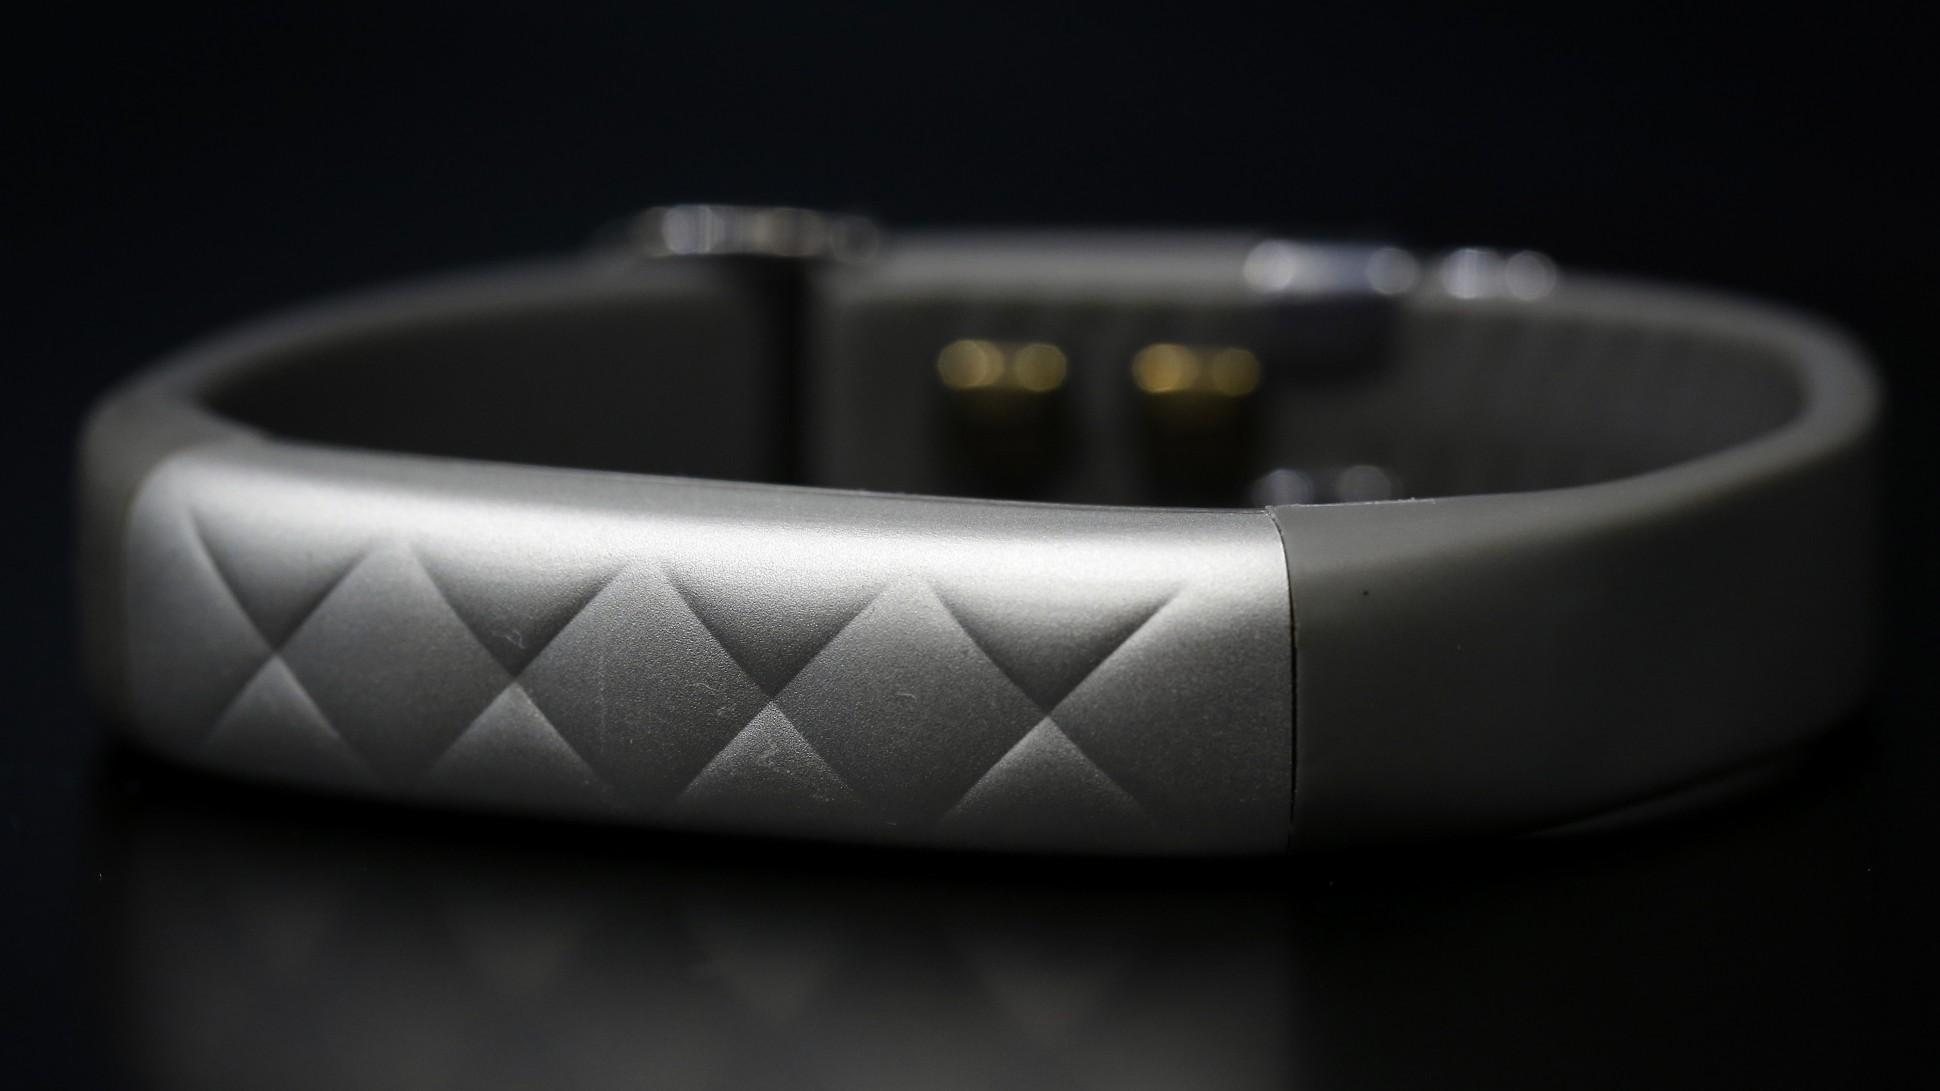 jawbone-Up3-e1429191626701-1940x1091.jpg